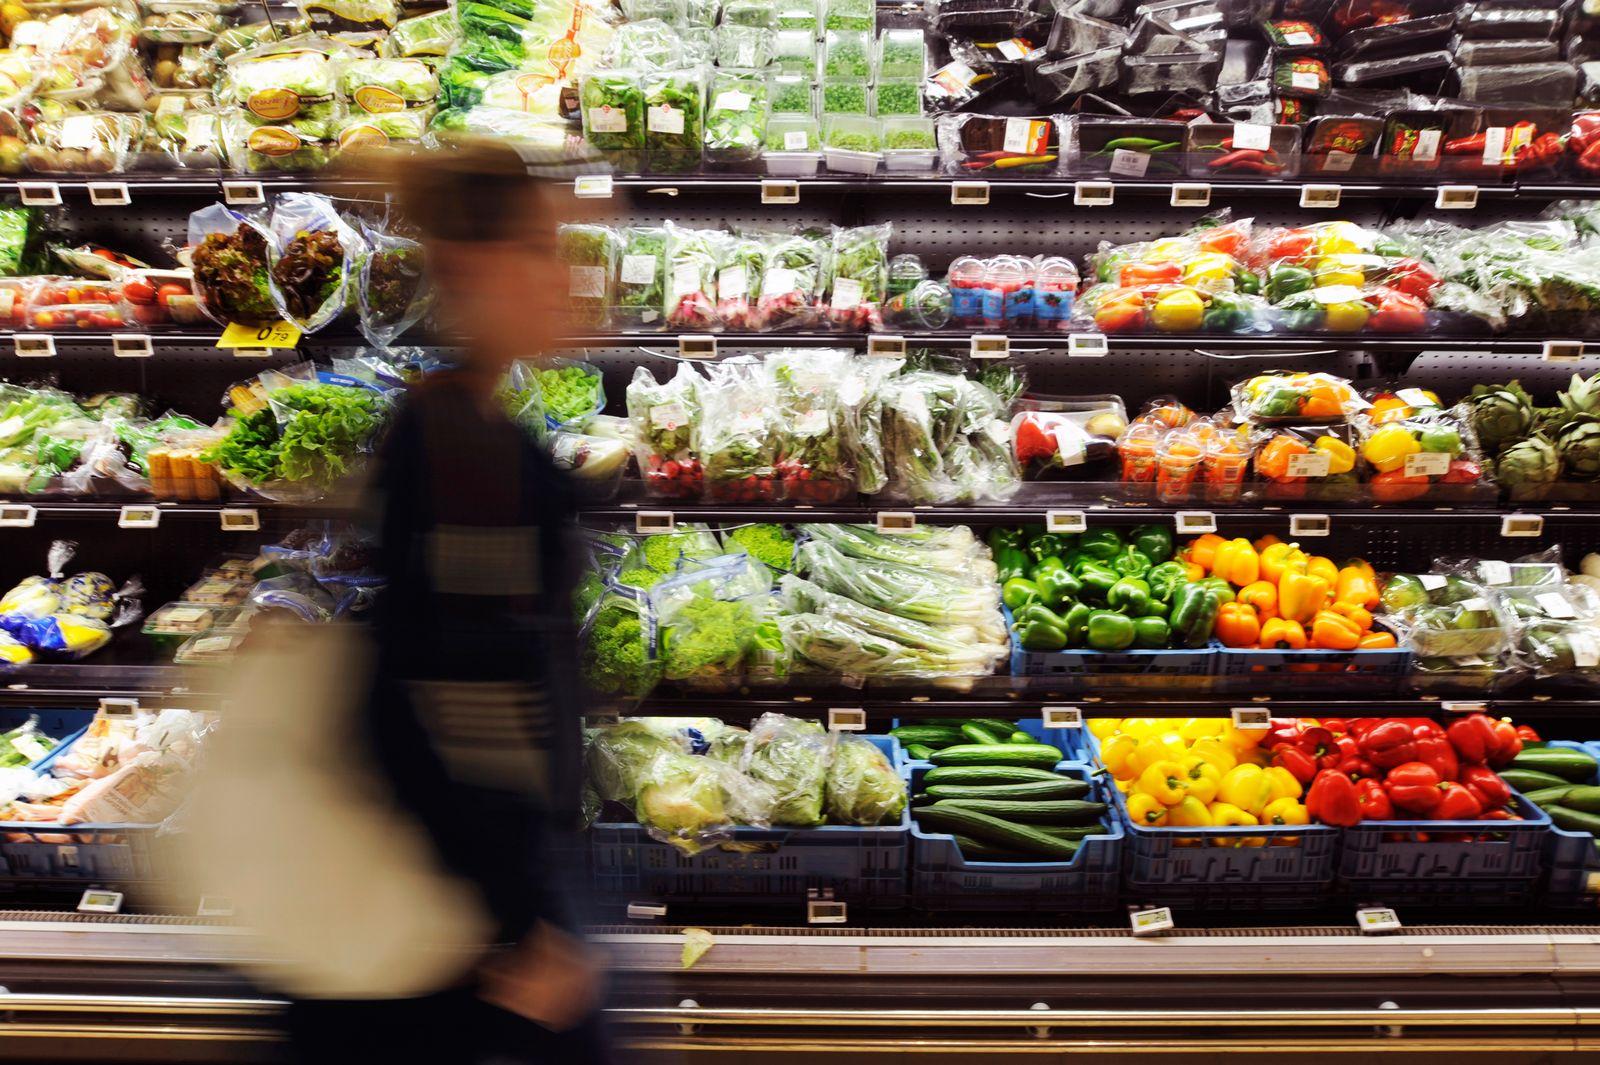 Lebensmittel / Supermarkt / Preis / preisschilder / Preisschild / Preise / Inflation / Euro-Zone